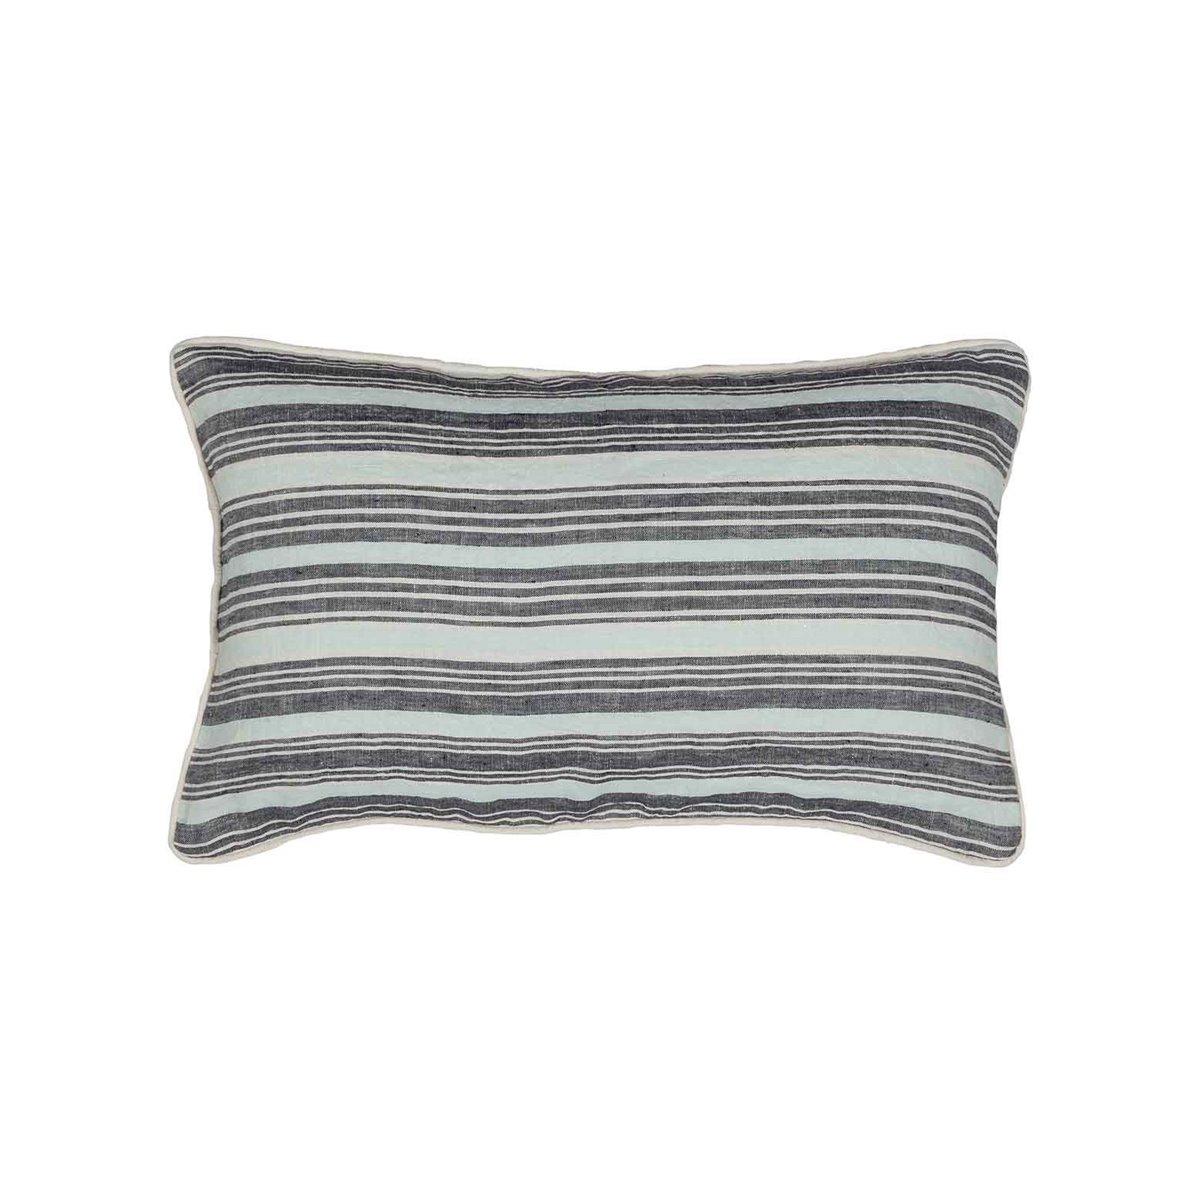 Coussin en lin/coton lavé  Anthracite 30x50 cm